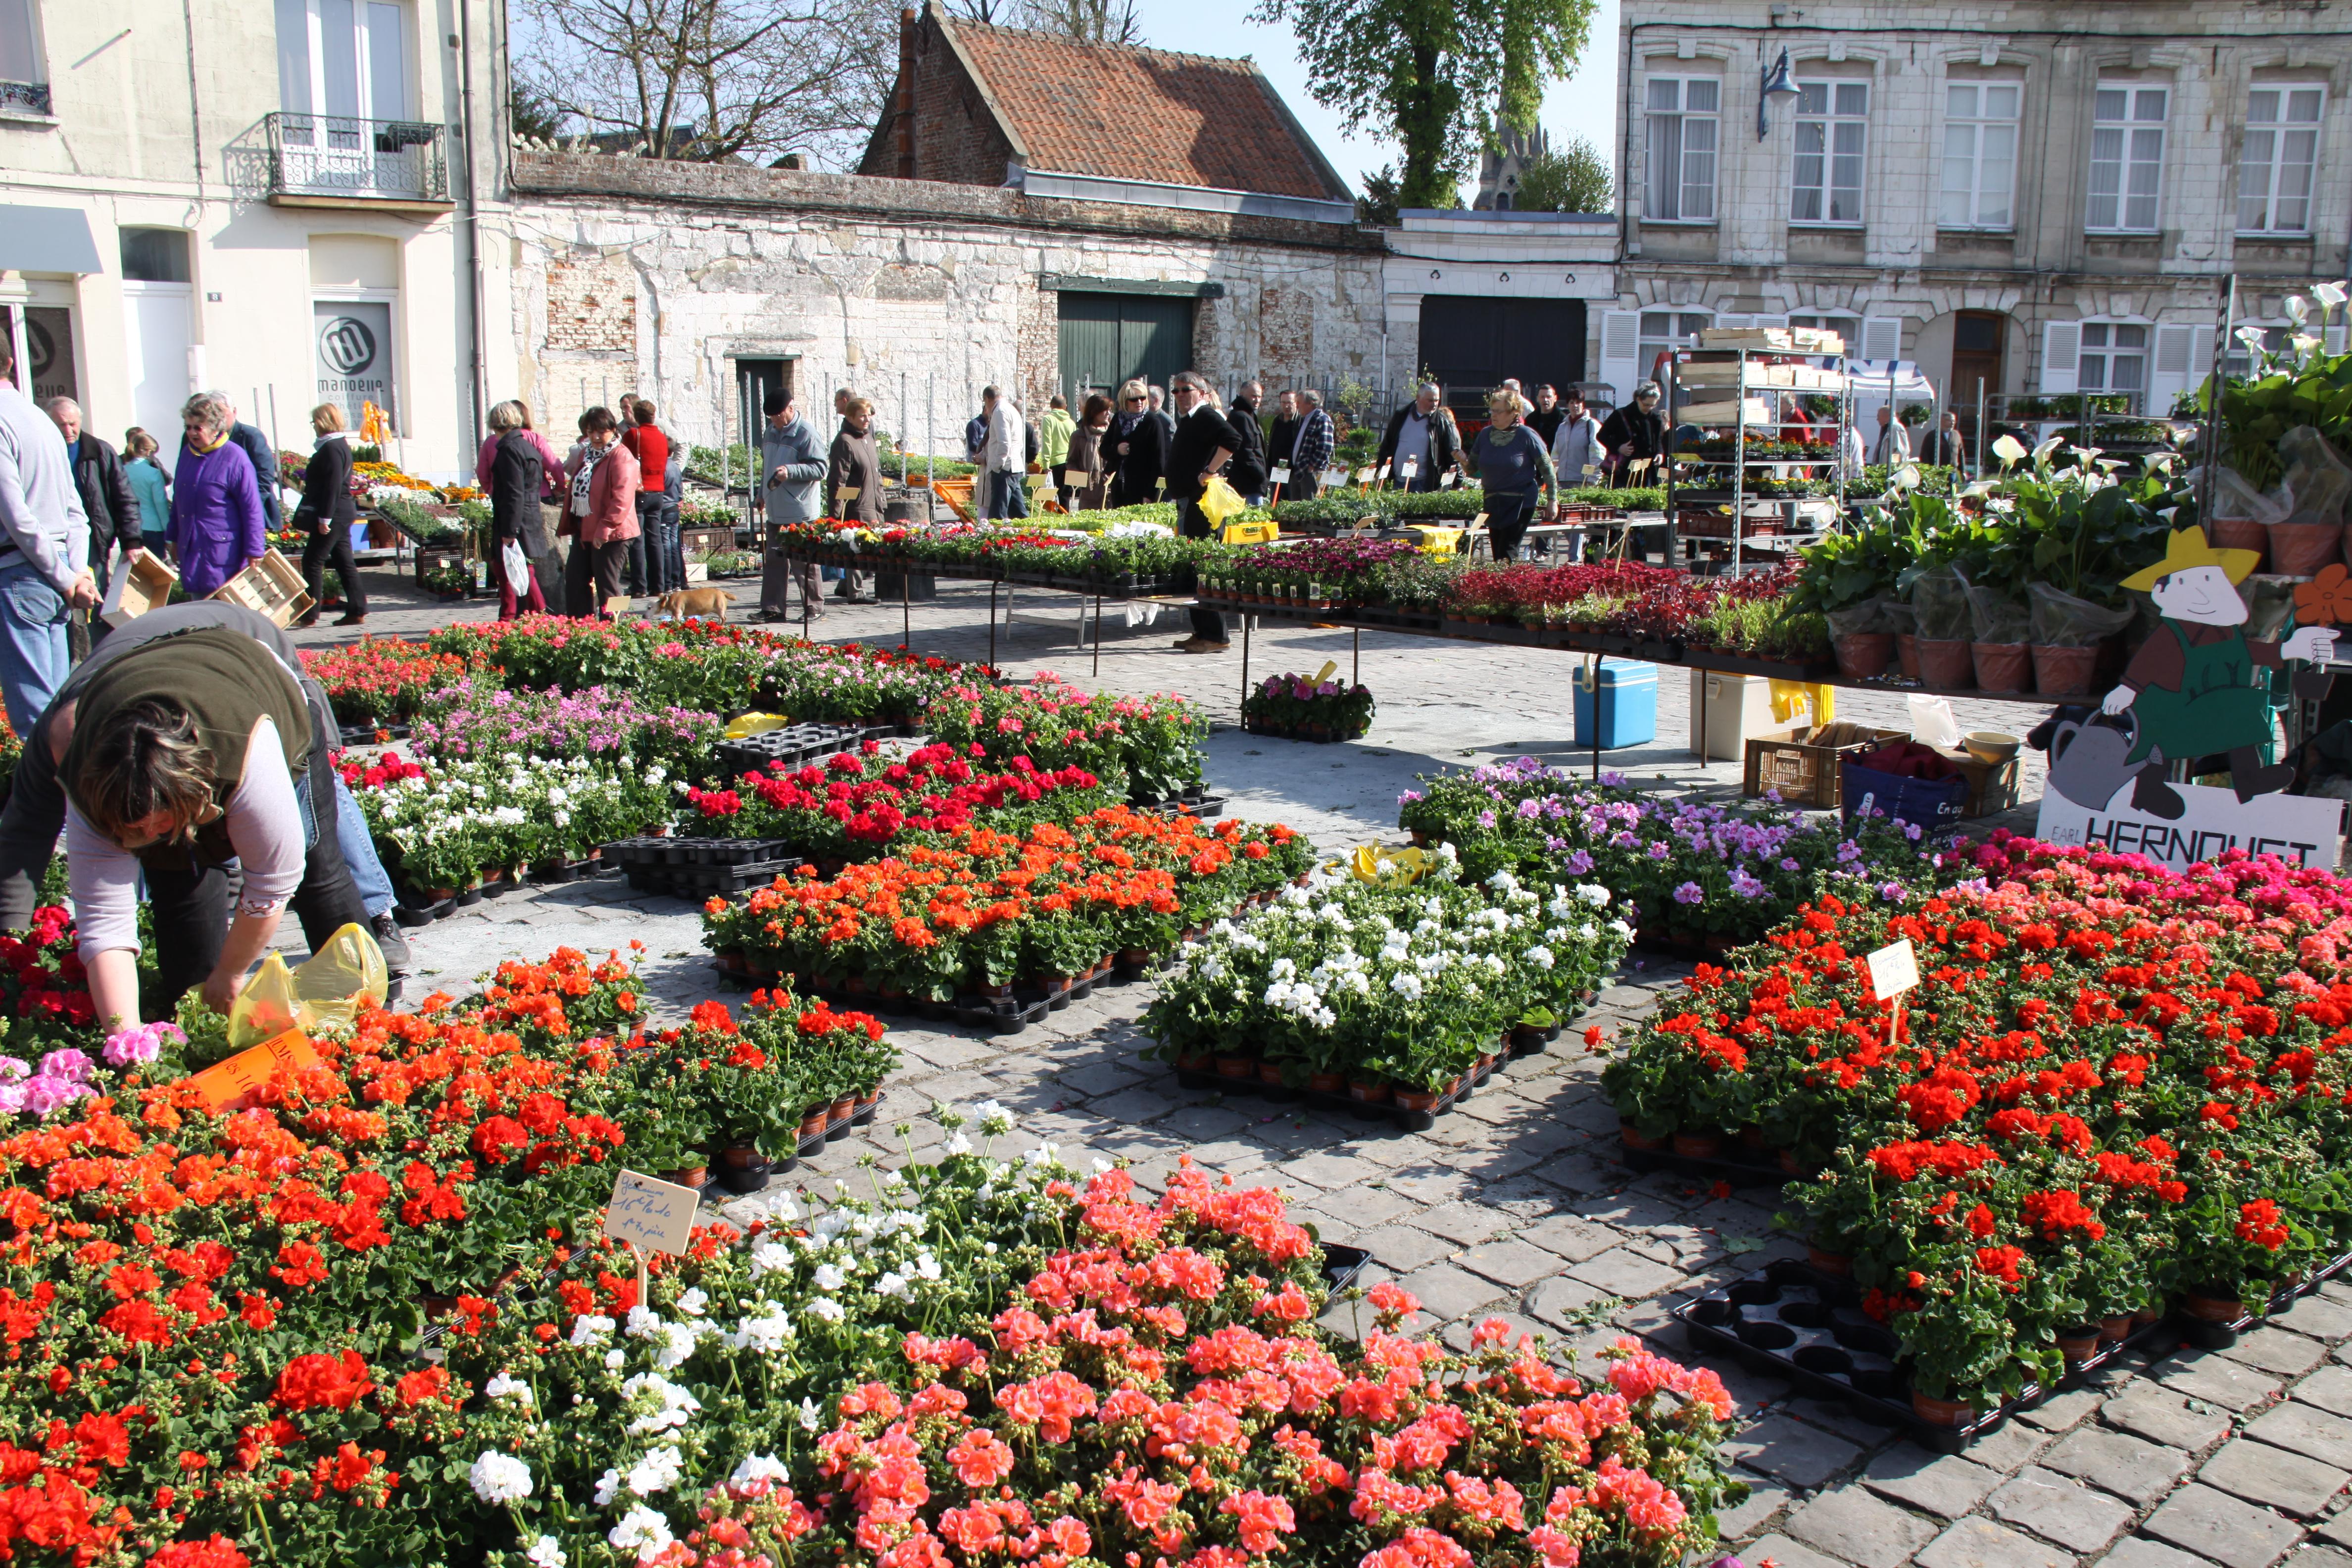 Le marché aux fleurs sur la place Victor-Hugo à Arras   La Gazette Nord-Pas  de Calais 3f0b8132232